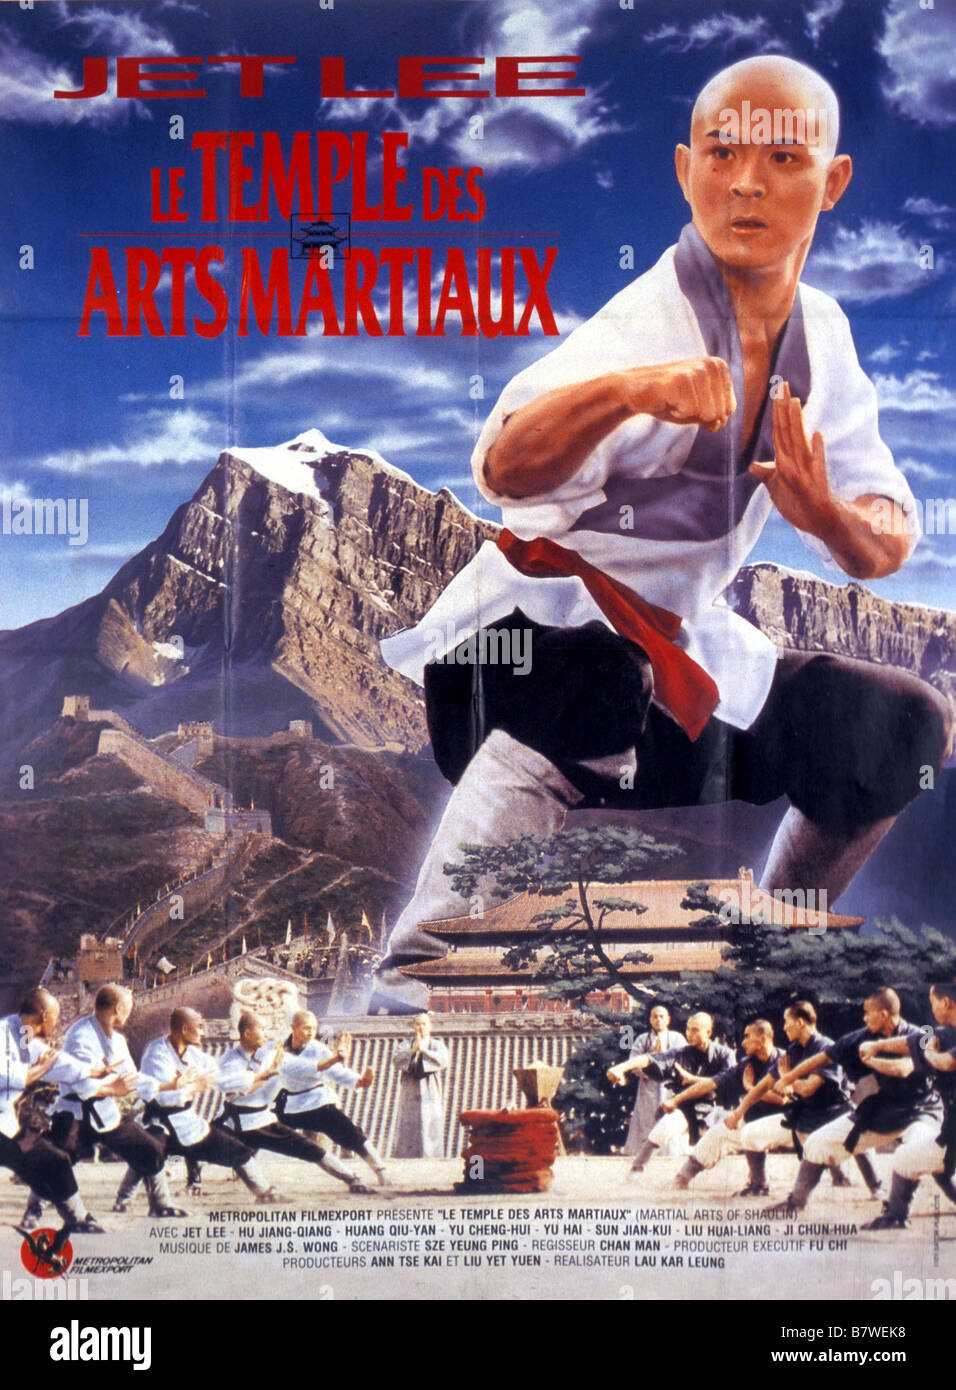 Le temple de Shaolin ou le temple des arts martiaux Nan bei Shao Lin  Year: 1986 - hong kong affiche, poster Jet - Stock Image